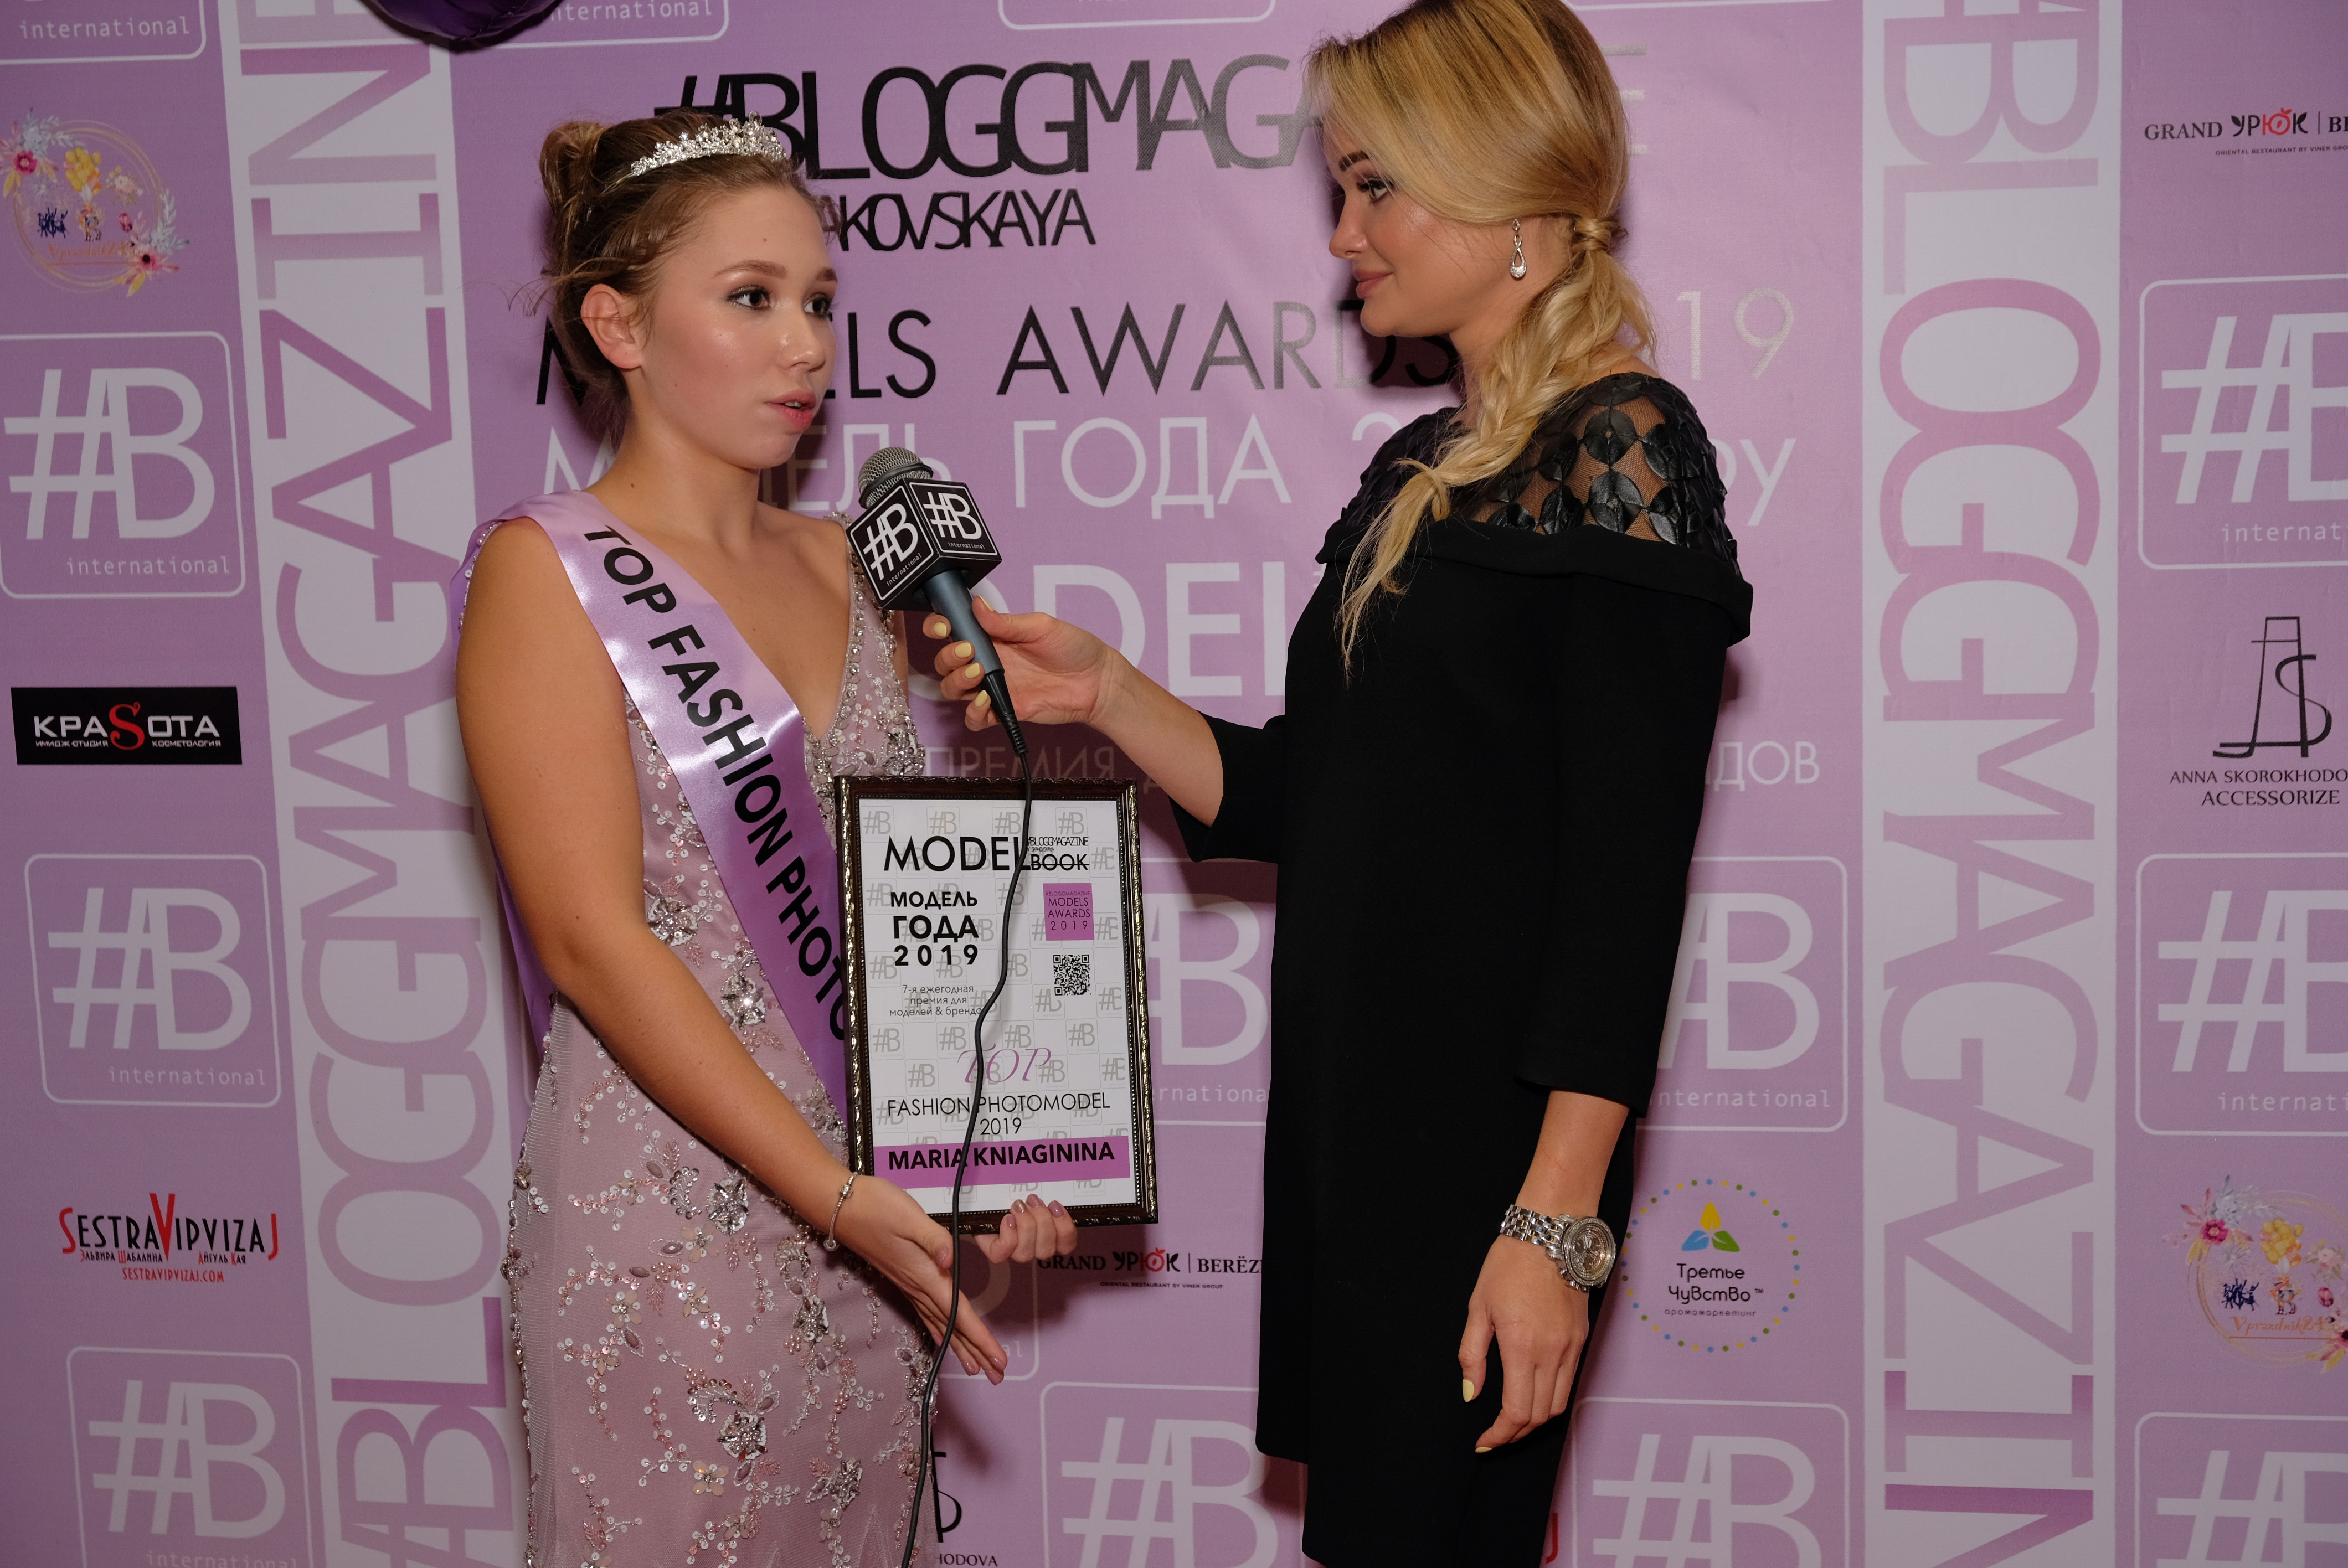 bloggmagazine_models_awards2019_15